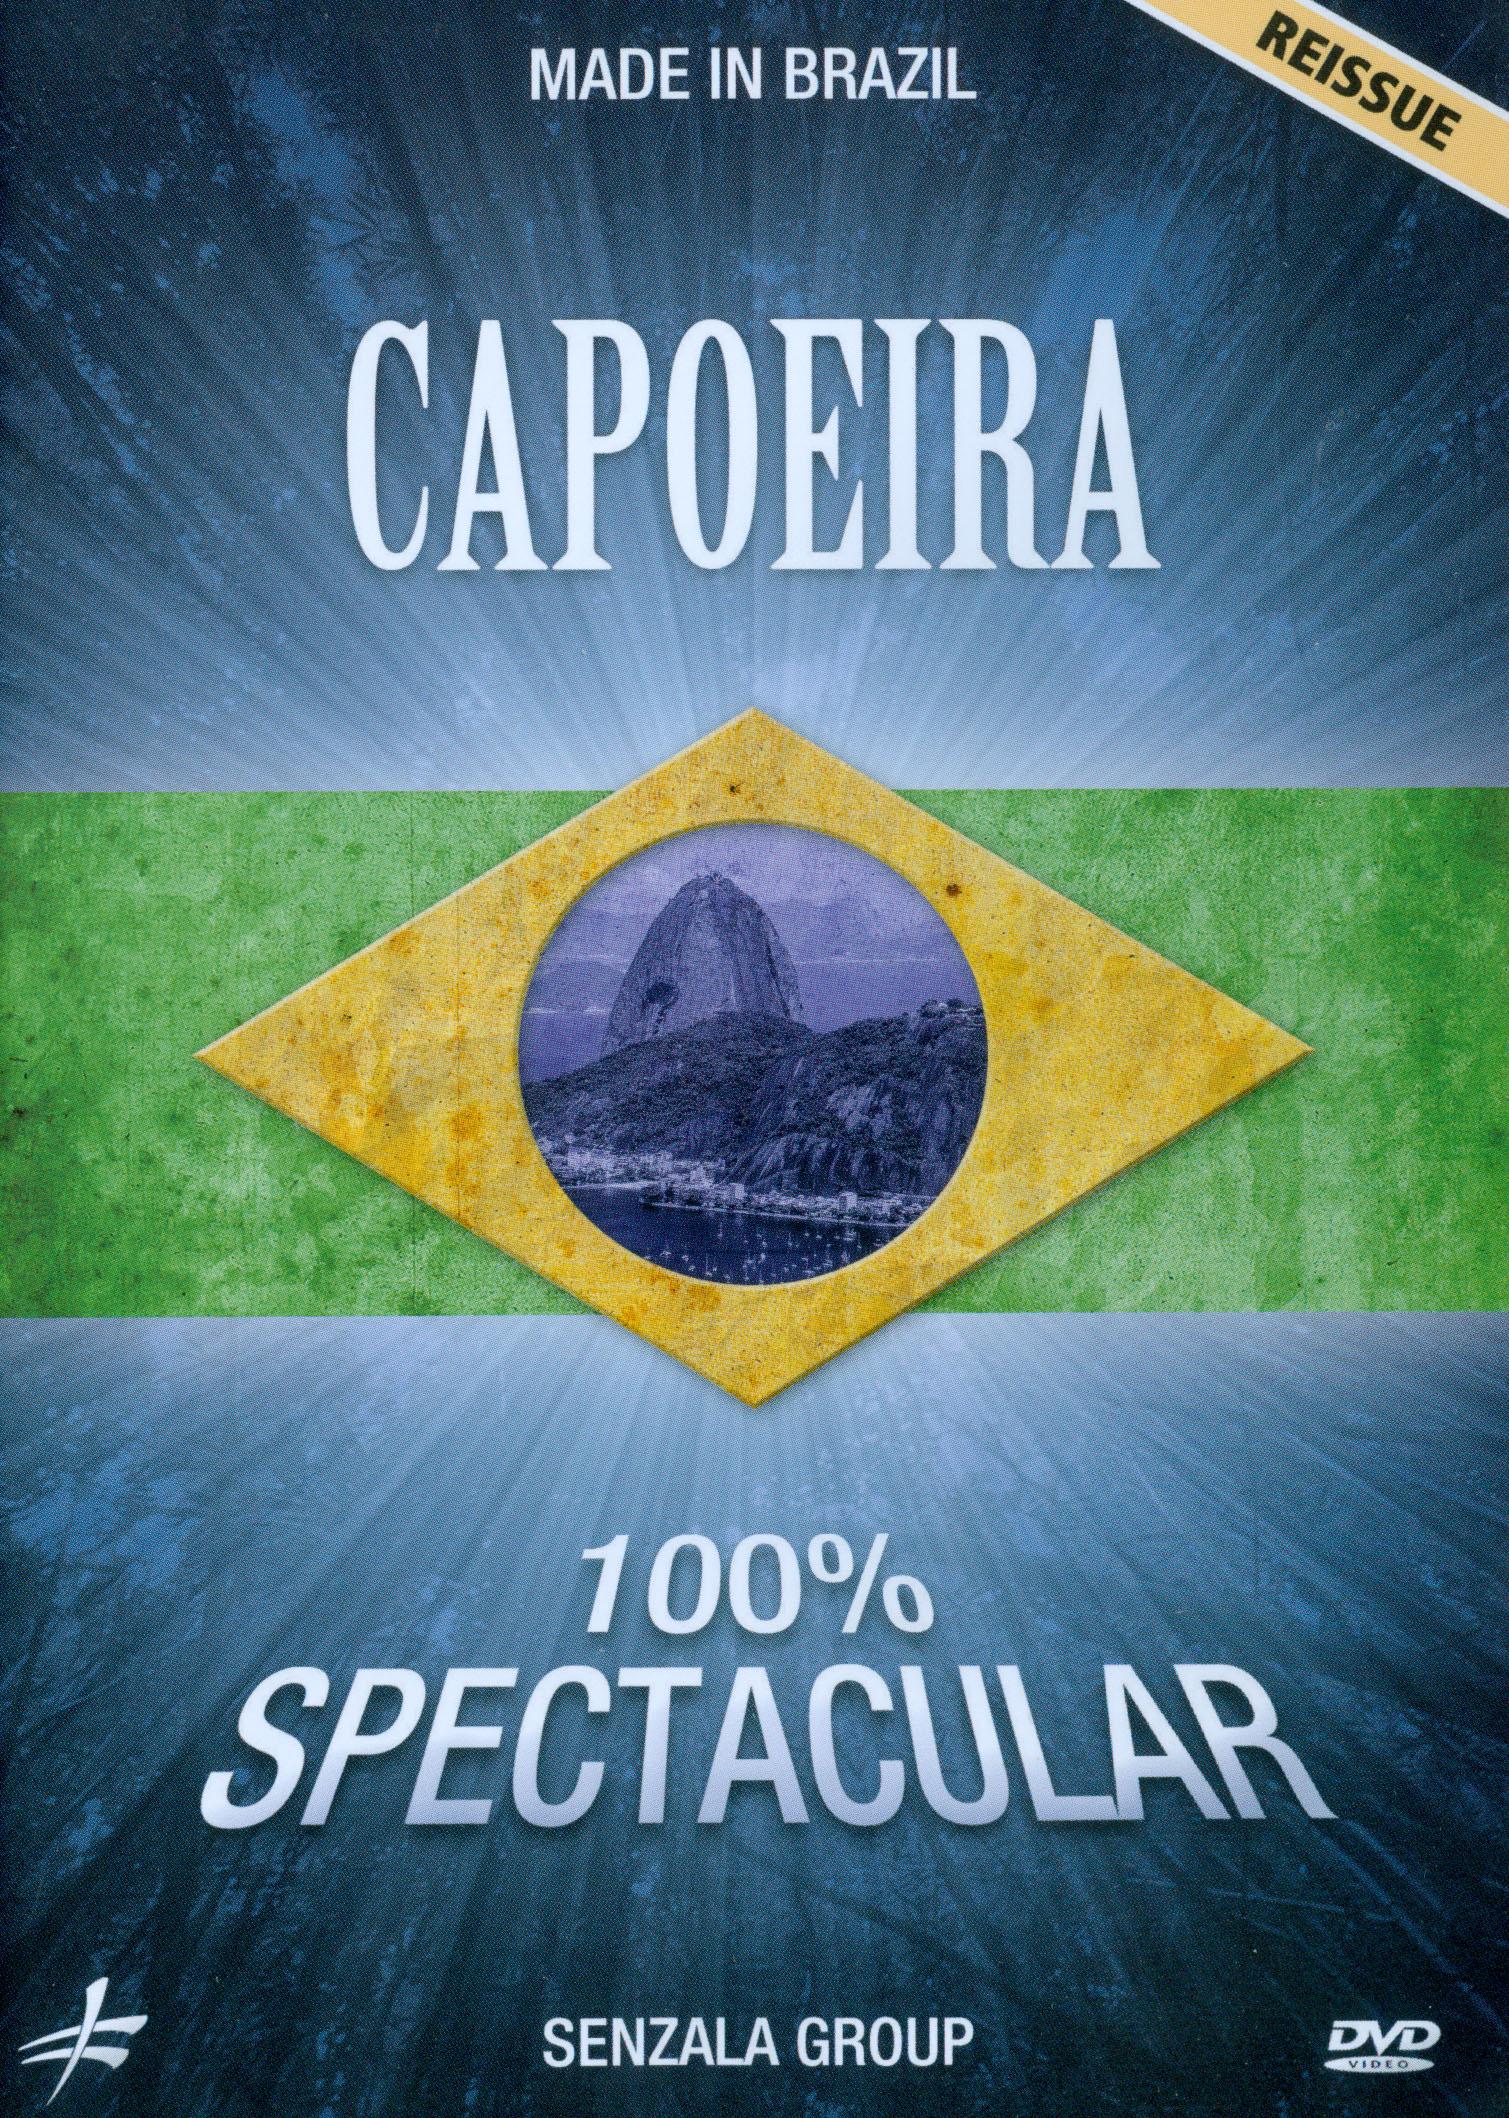 Senzala: Capoeira 100% Spectacular